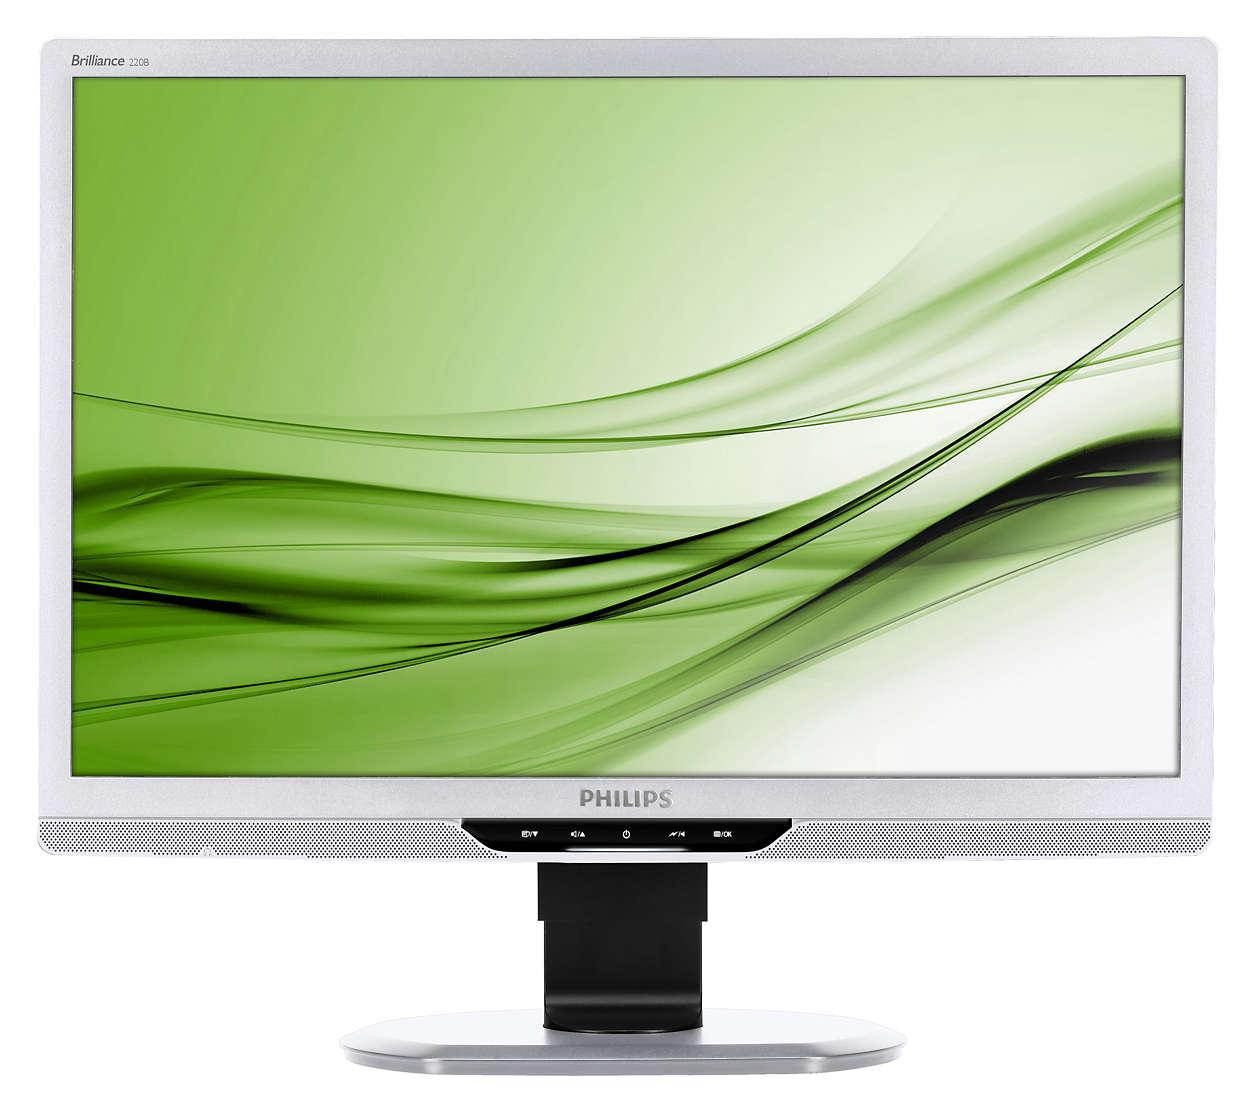 친환경 LED 디스플레이로 생산성 향상